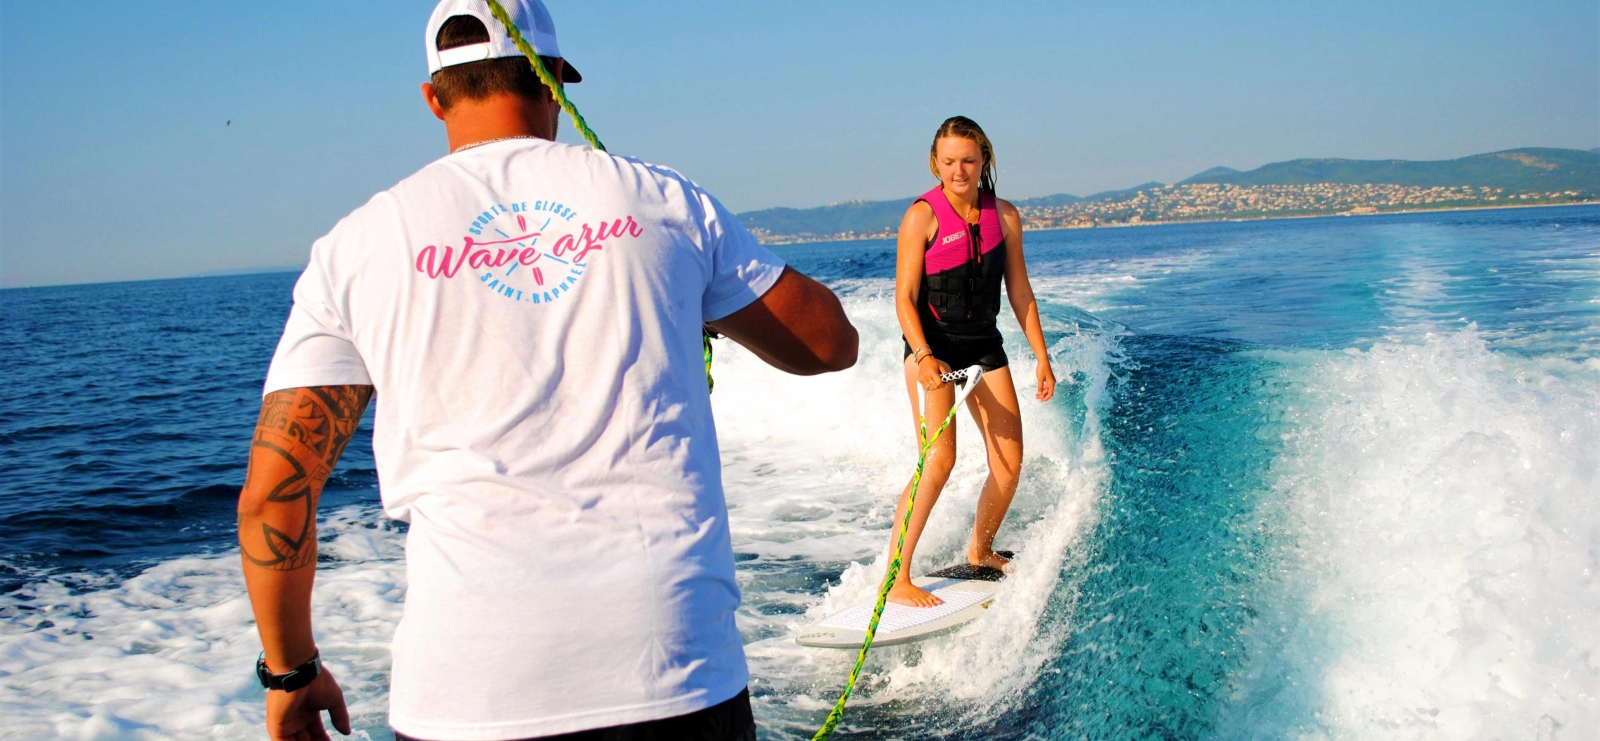 Wave Azur - Wakeboard